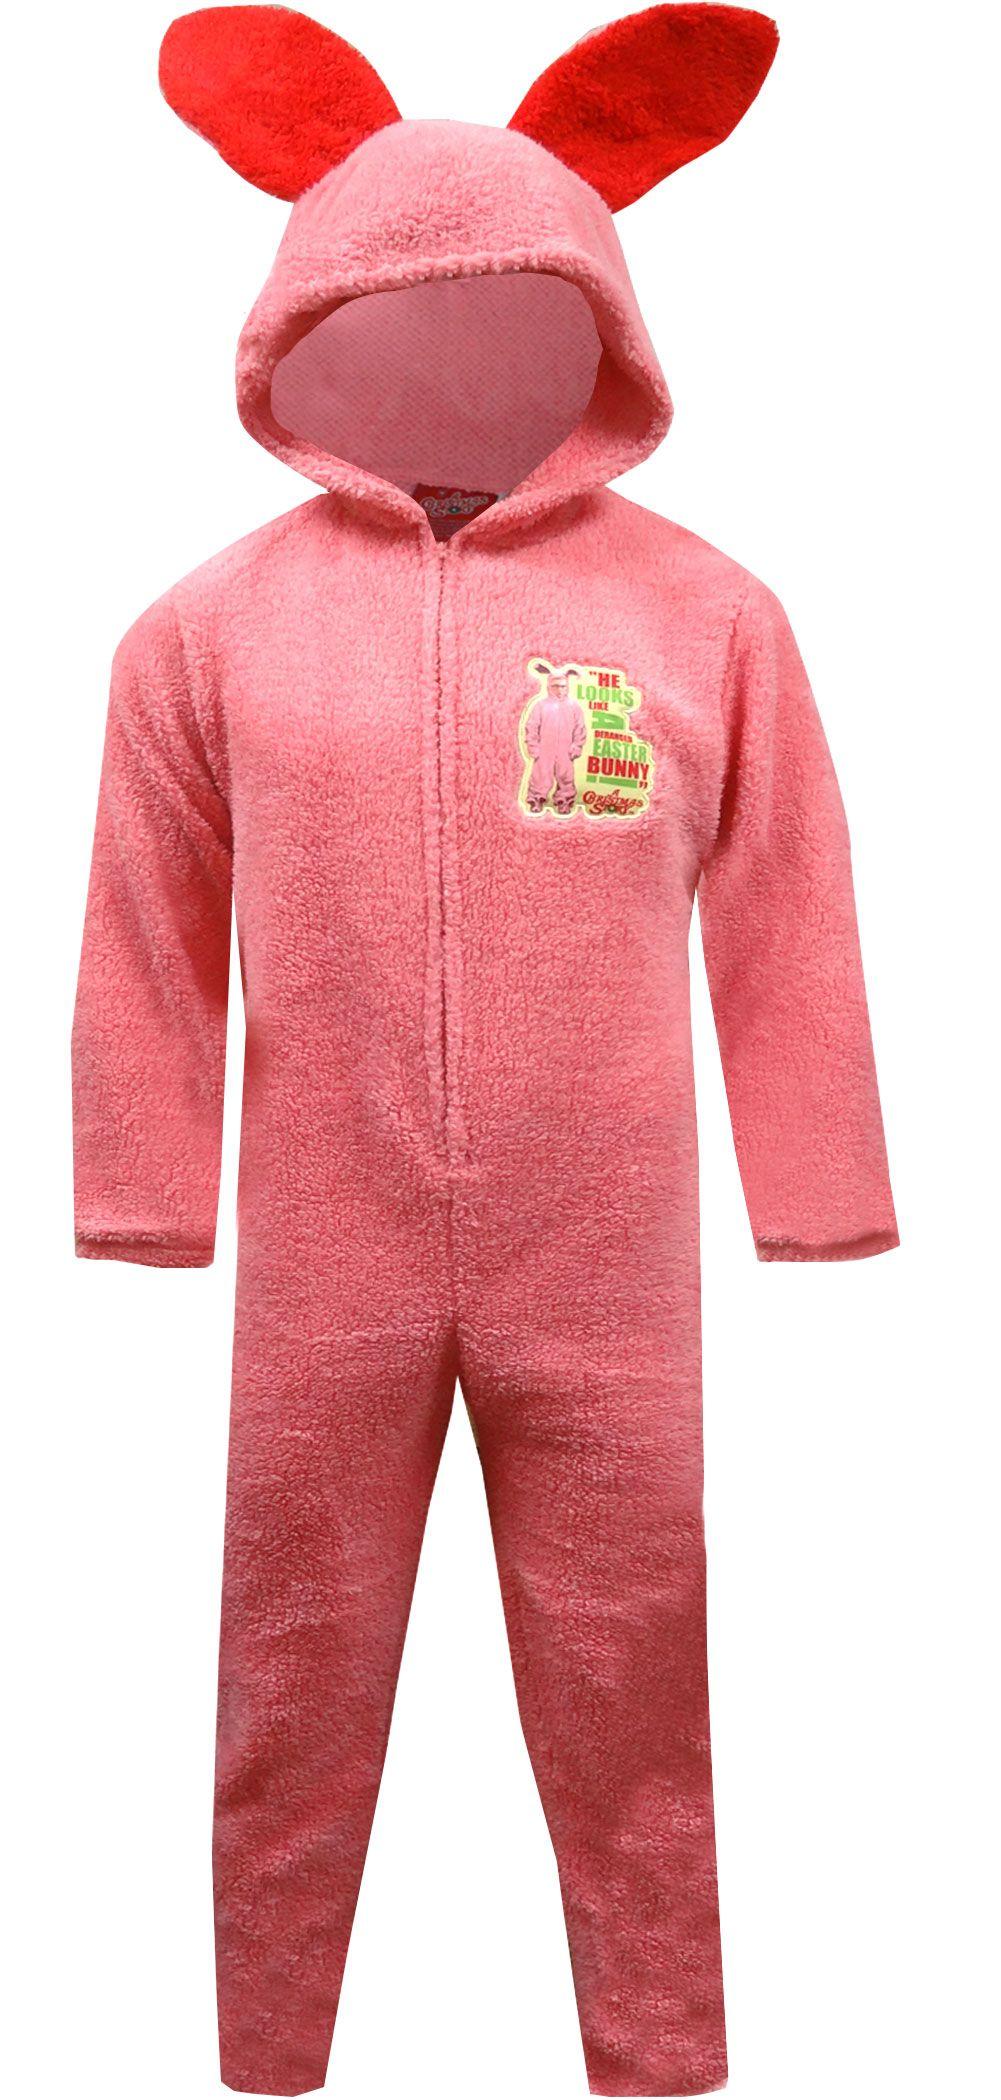 Unisex Pink Bunny Hooded Onesie Pajama | Onesie pajamas, Pyjamas ...